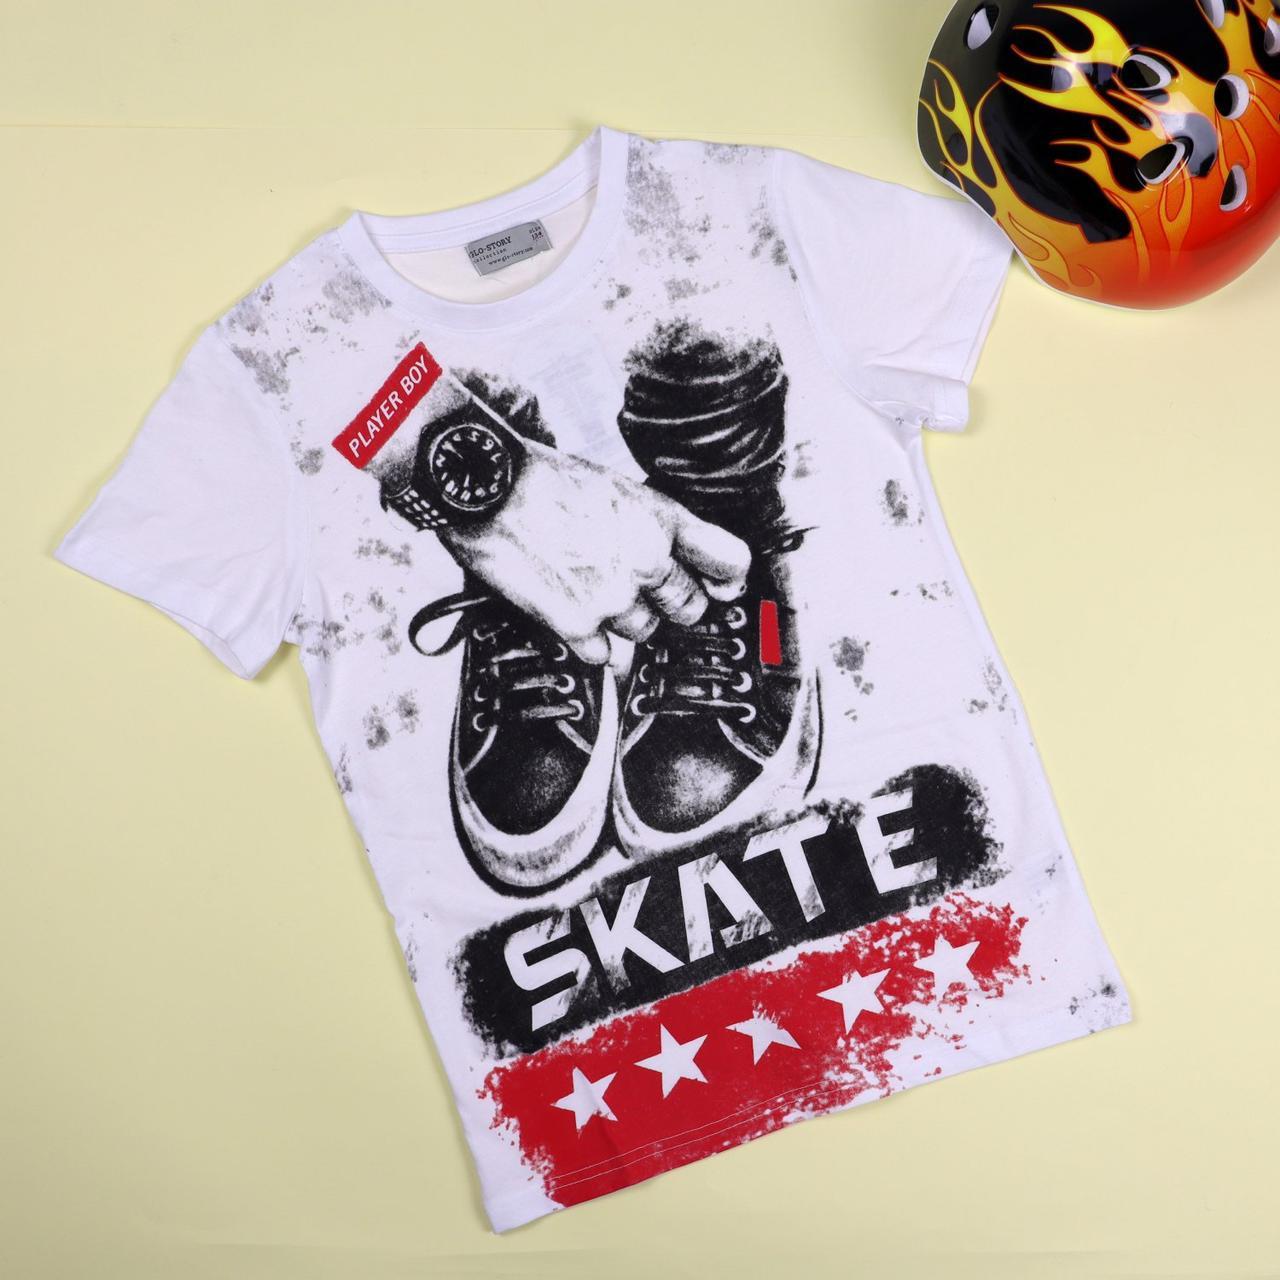 0266бел Біла футболка для хлопчика Кеди тм GLO-STORY розмір 158 см